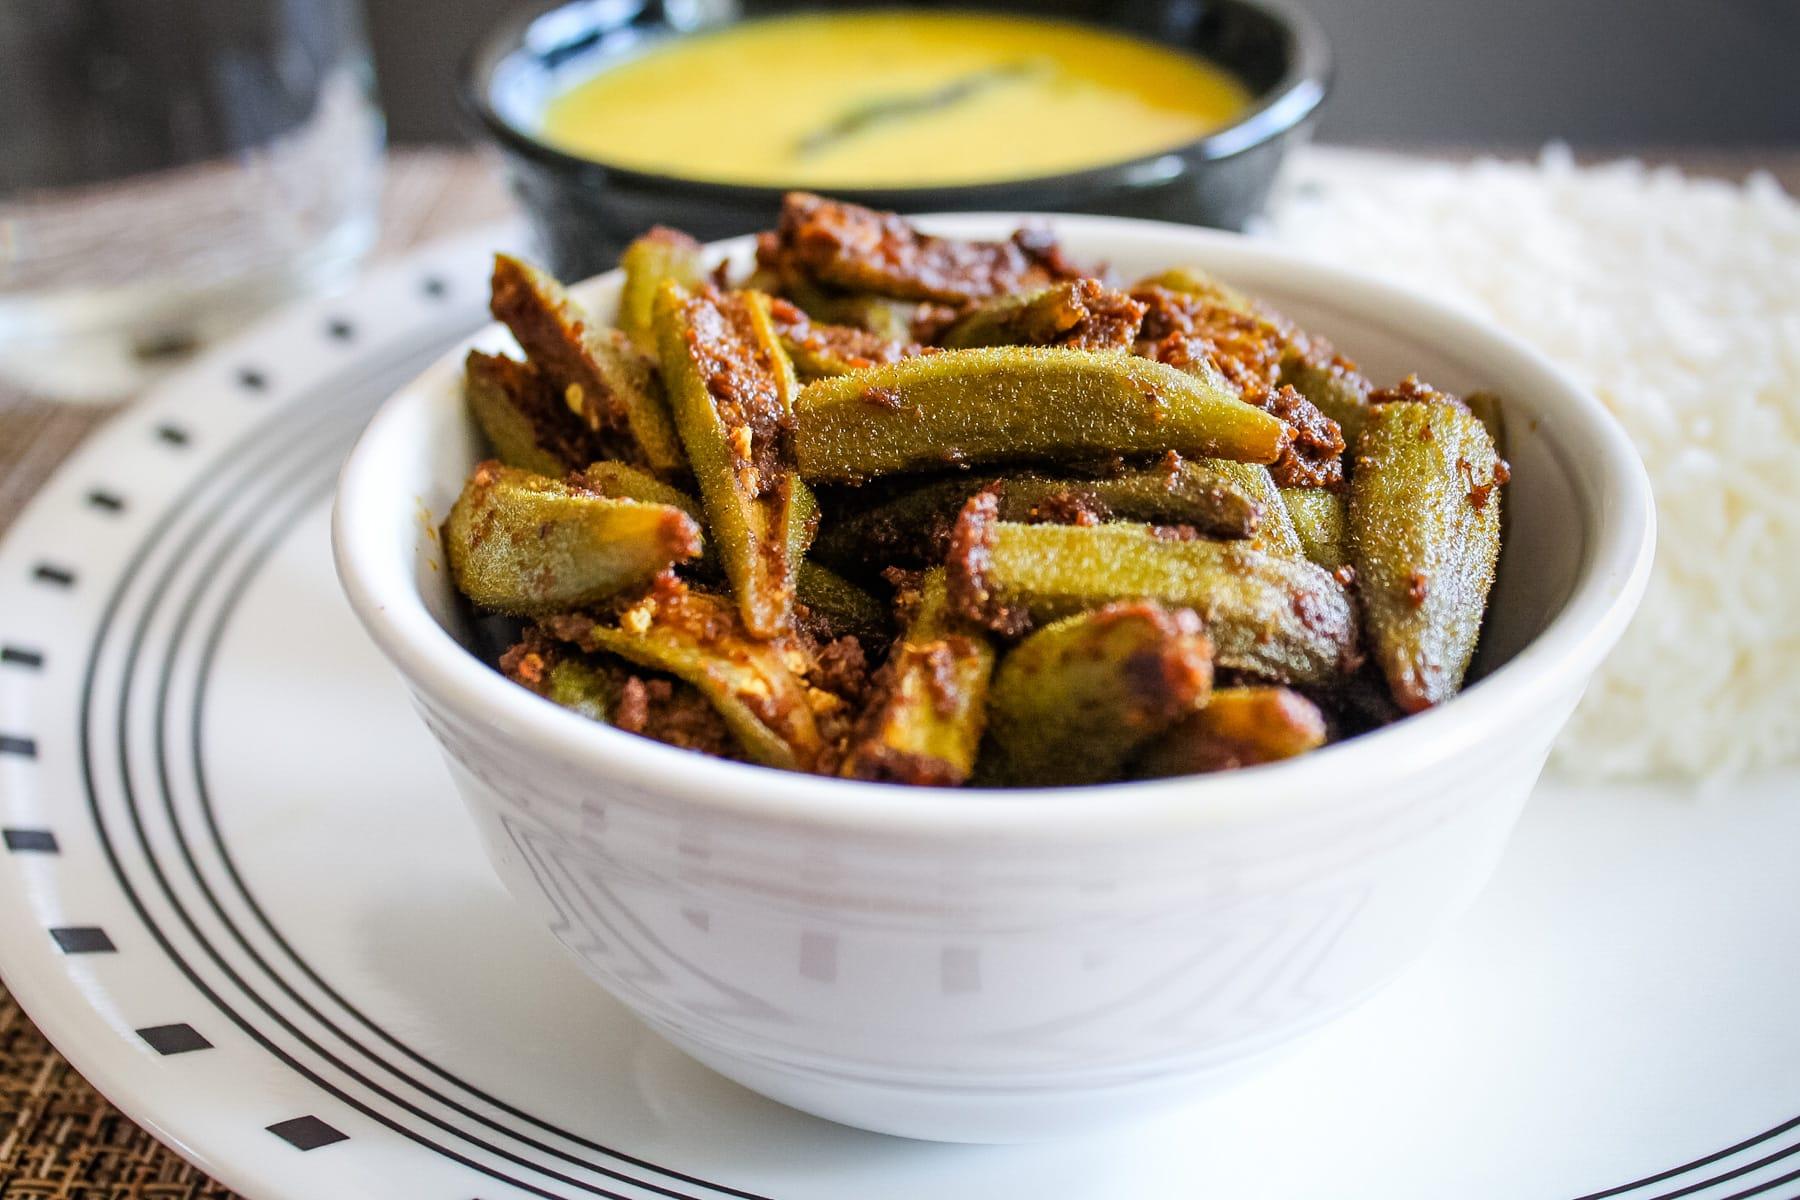 Bhindi masala served in white bowl.